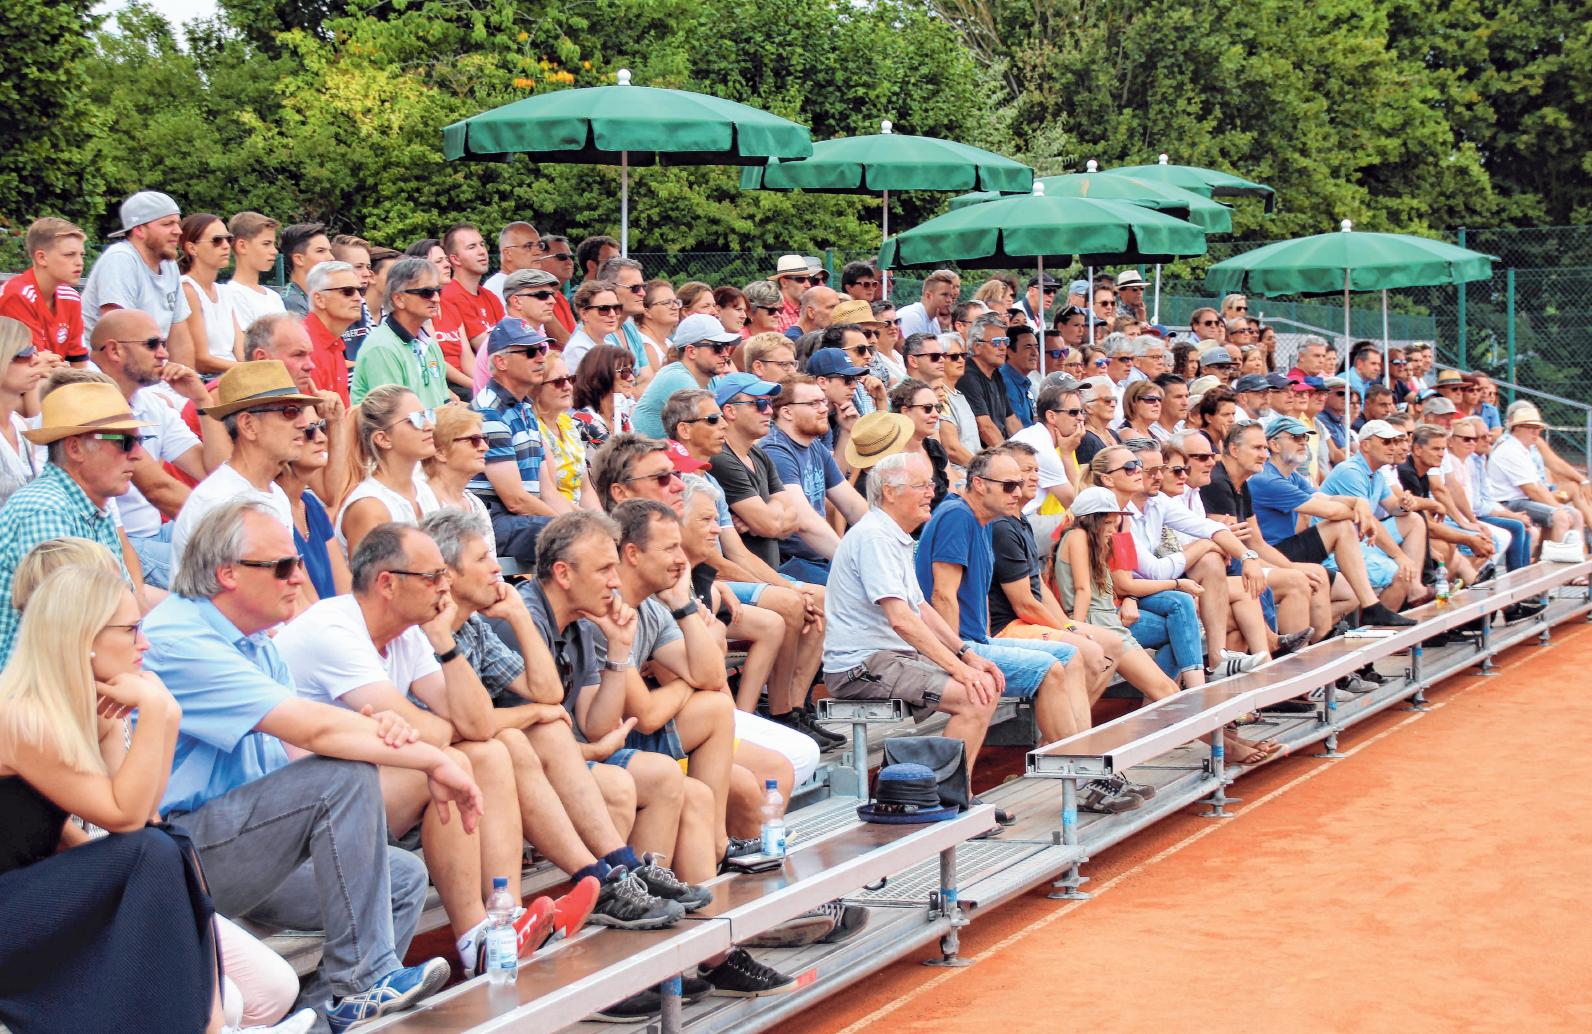 Die Zuschauertribünen waren während der Turnierwoche sehr gut gefüllt.